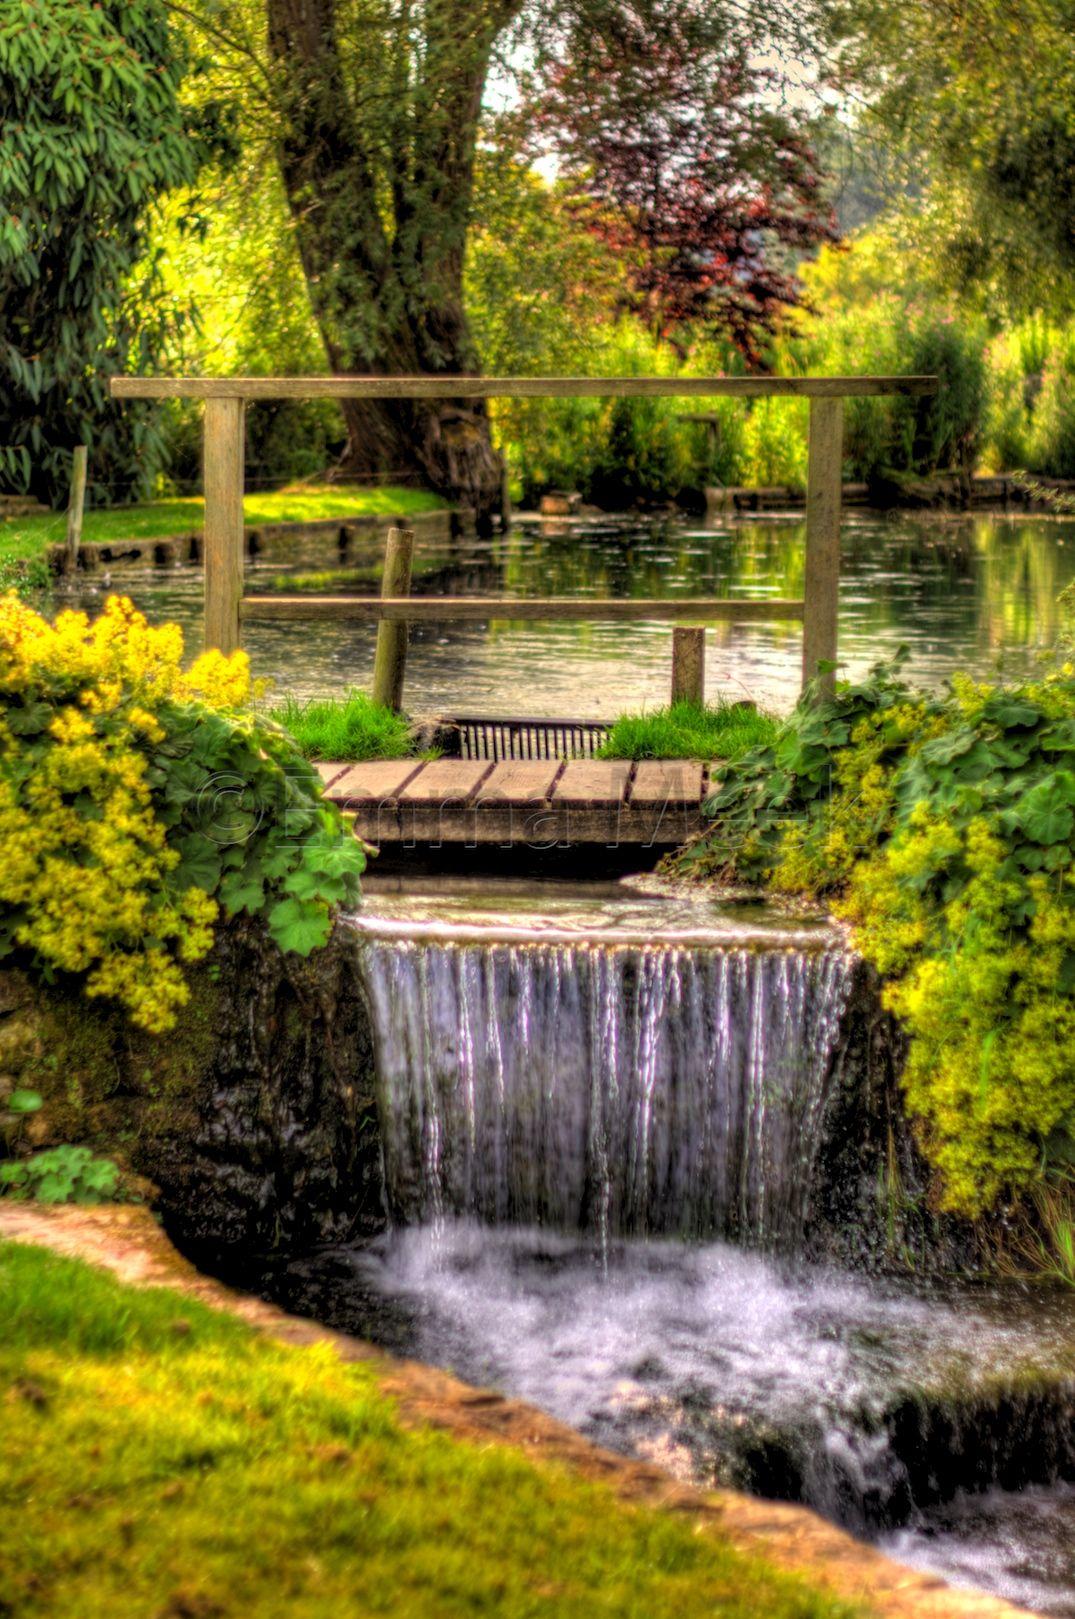 bibury trout farm england favorite places u0026 spaces pinterest